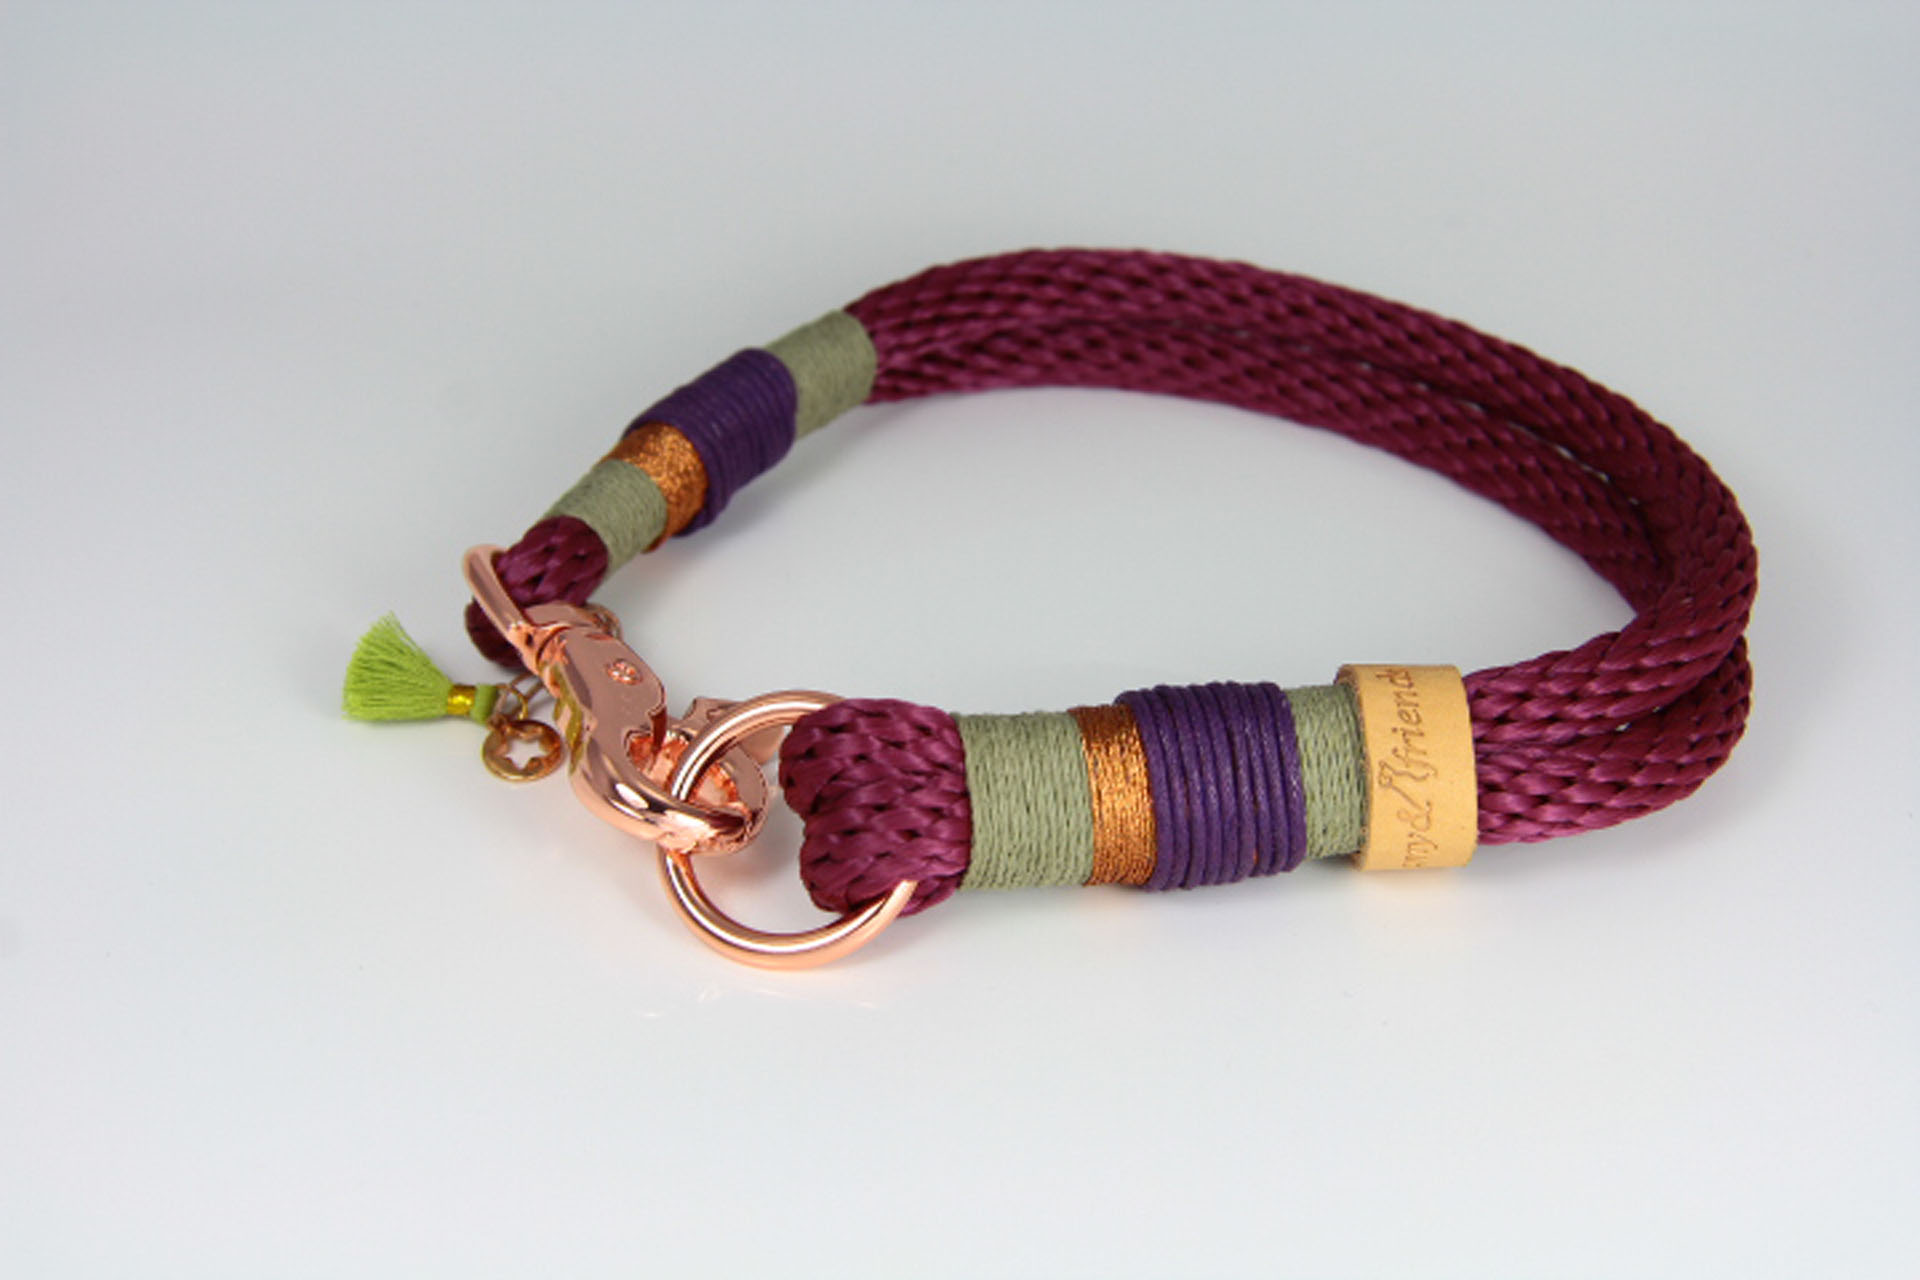 Tauhalsband-aubergine-oliv-lila-rosegold